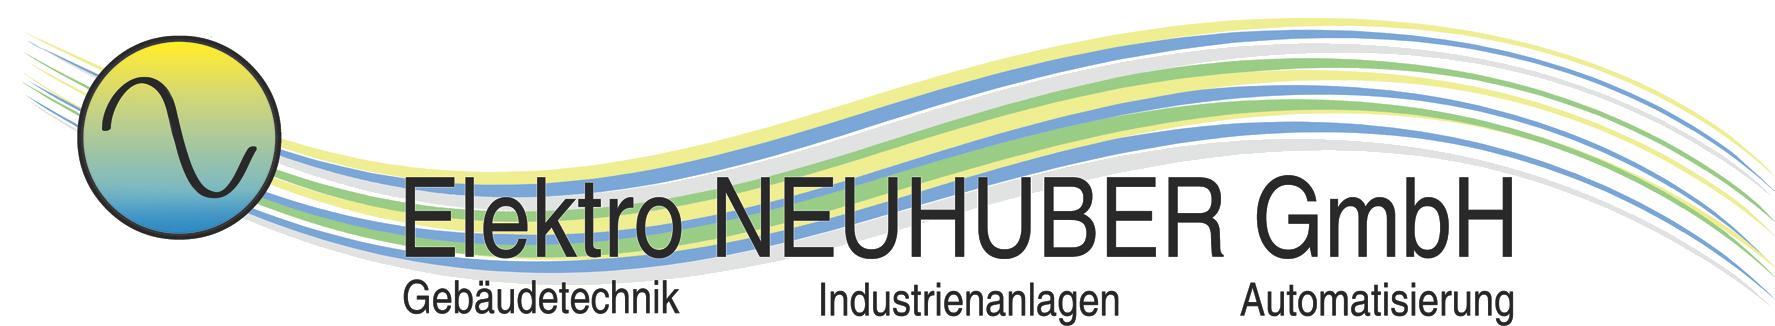 Elektro Neuhuber GmbH - Elektriker im Bezirk Vöcklabruck | Ihr Fachmann in den Bereichen Elektroinstallationen, Schaltschrankbau, Photovoltaik, SAT-Anlagen, Netzwerktechnik, Blitzschutz, KNX-Gebäudesystemtechnik, Elektroplanung und vielem mehr aus dem Bezirk Vöcklabruck in Oberösterreich.